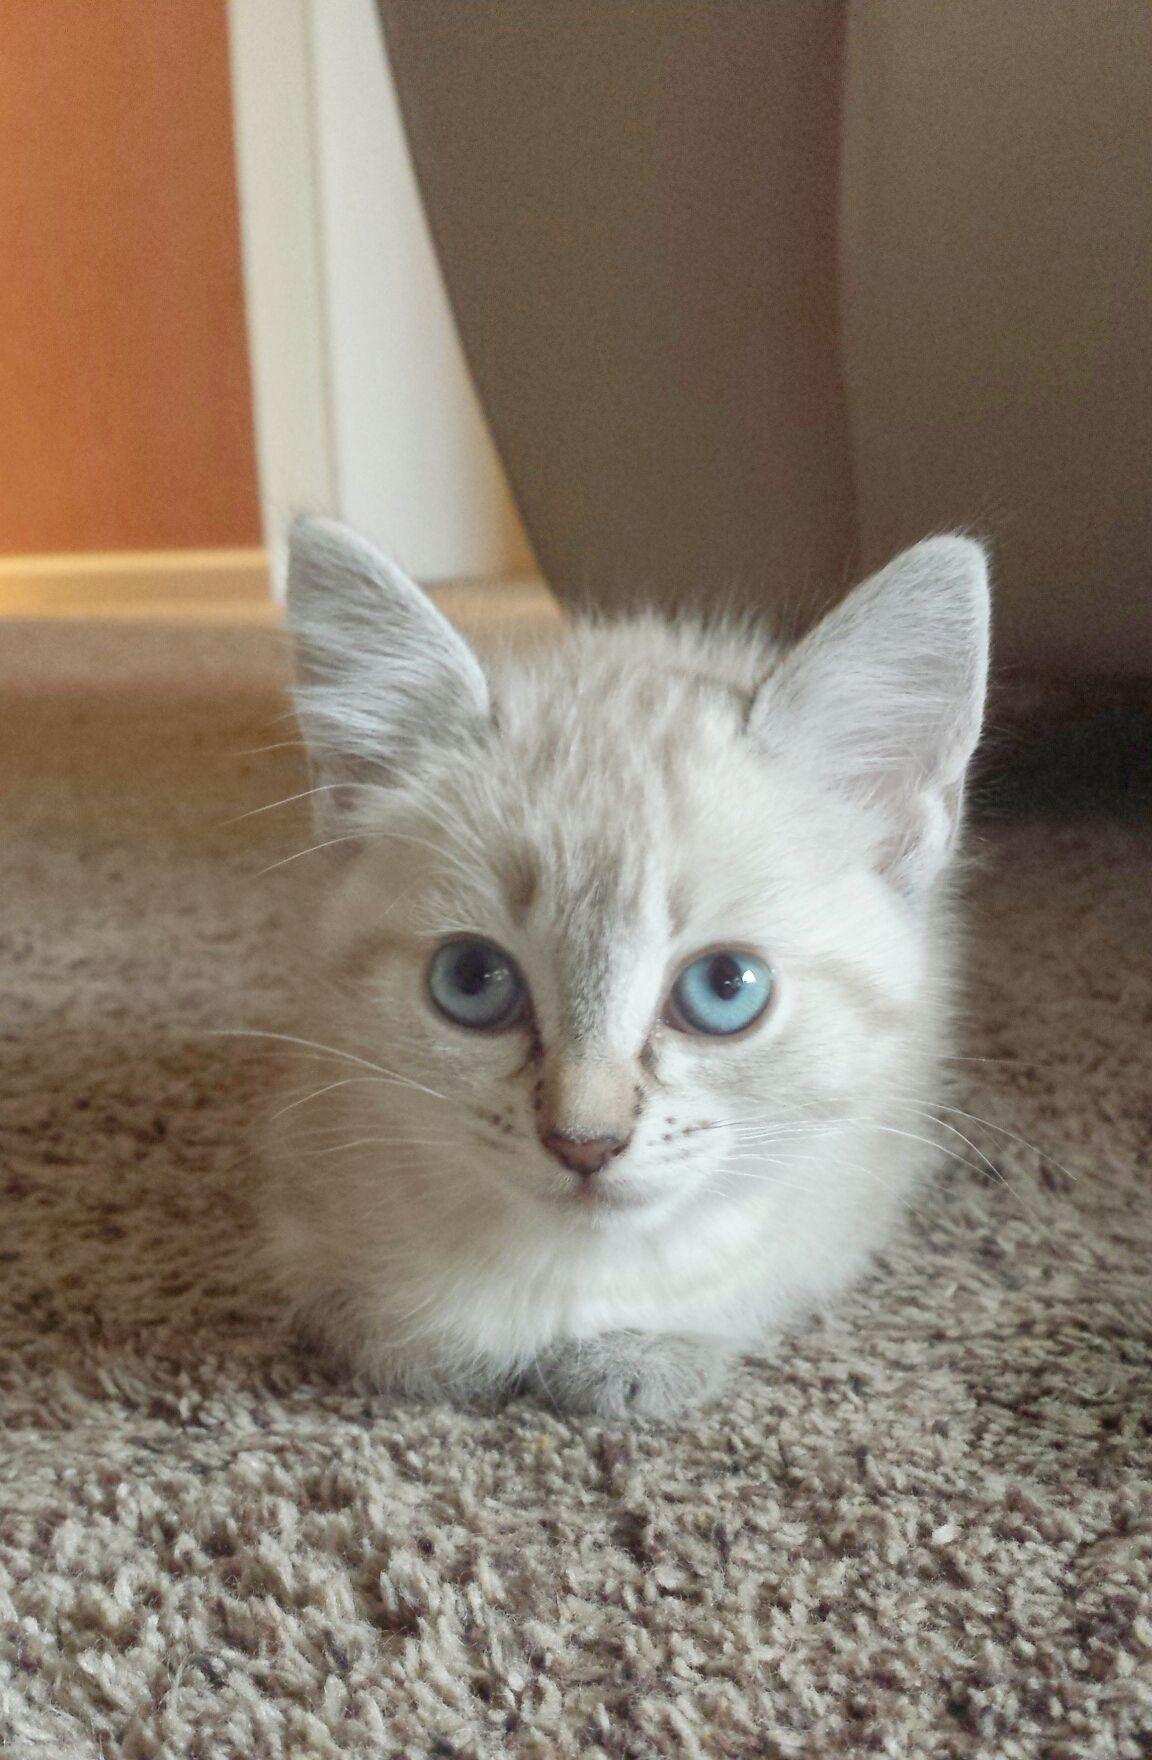 Cream puff kittens cutest foster kittens kittens